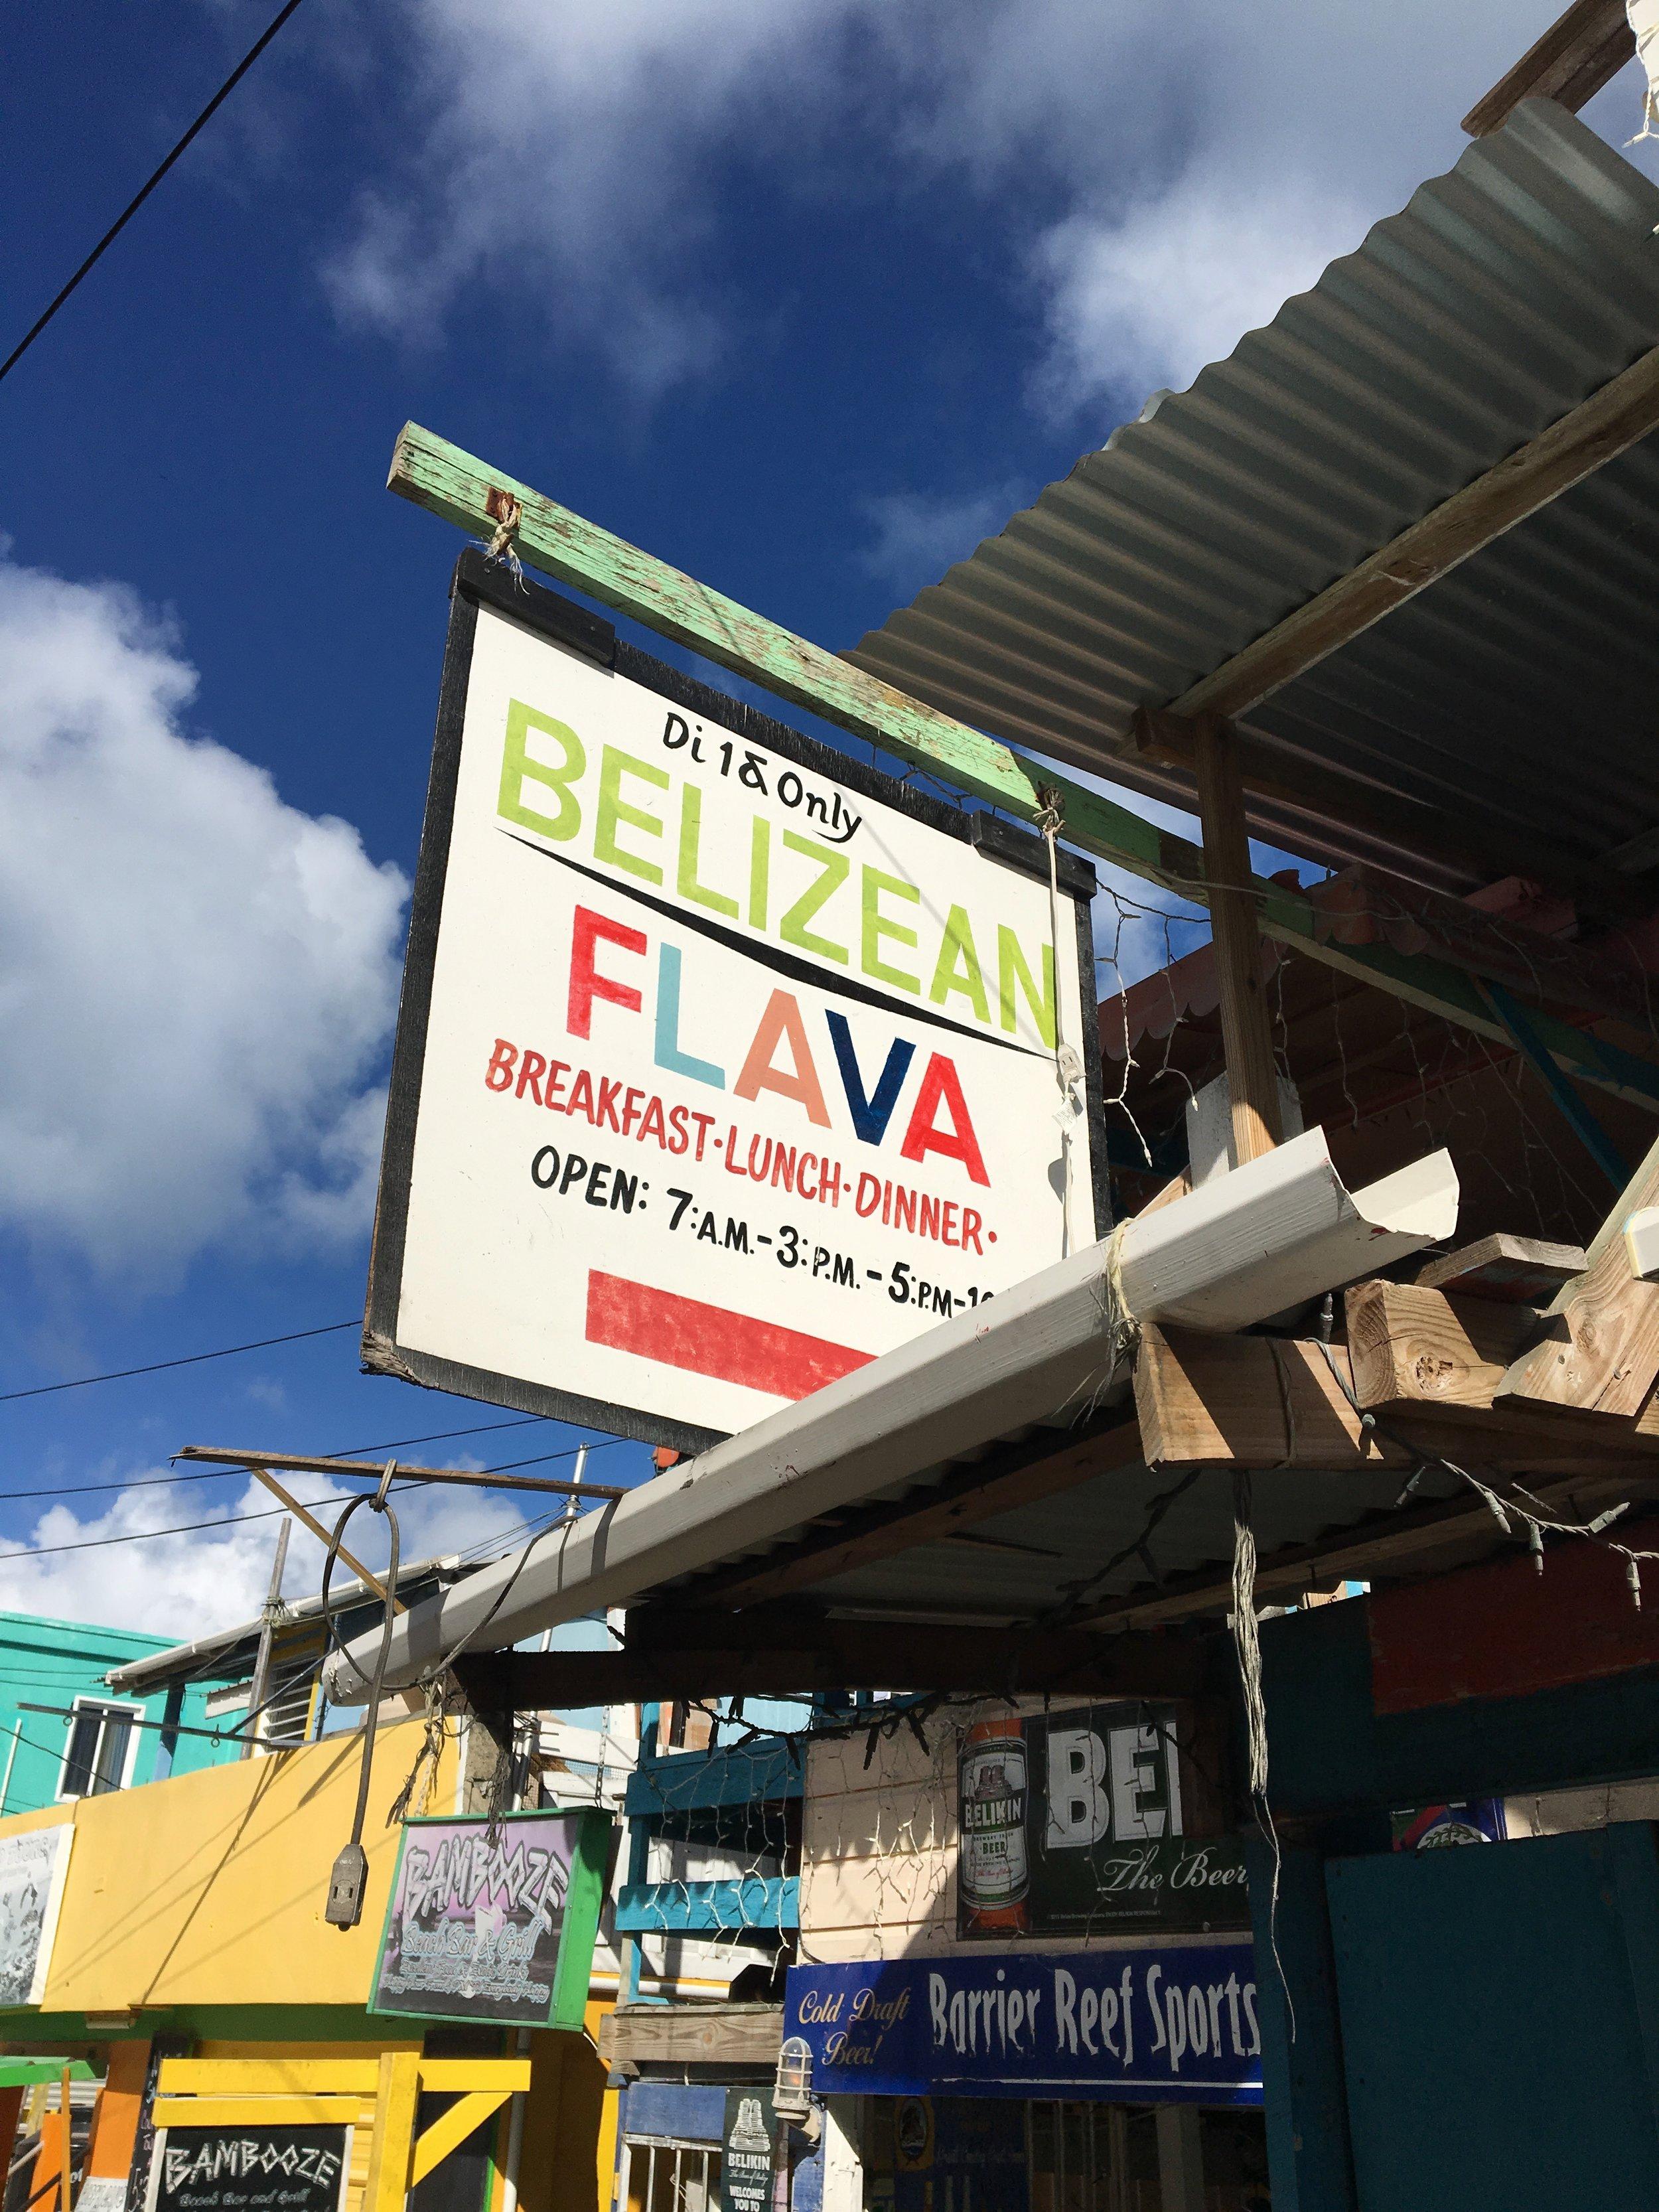 Belizean Flava & Barrier Reef Sports Bar